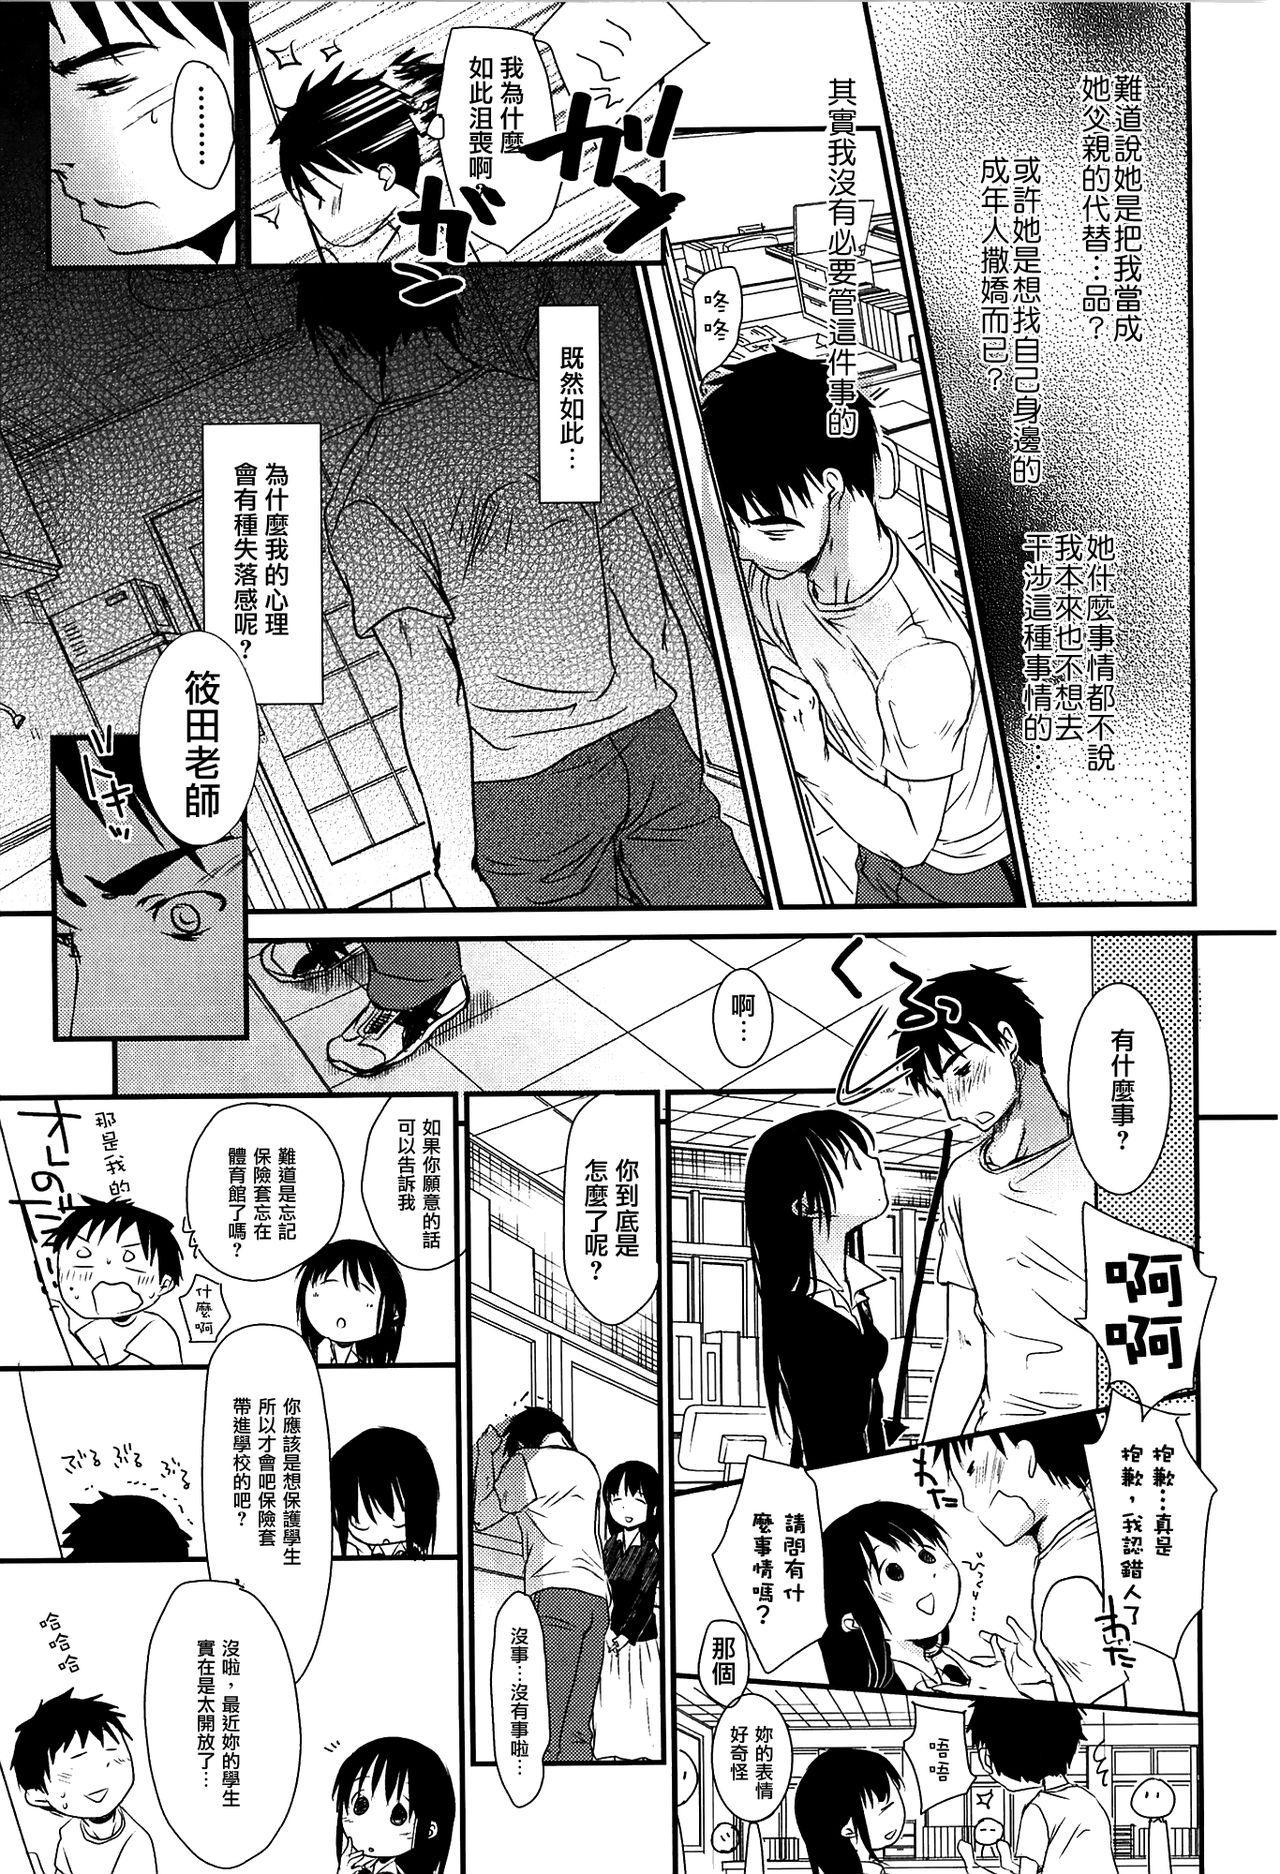 Sensei to, Watashi to. Jou 196